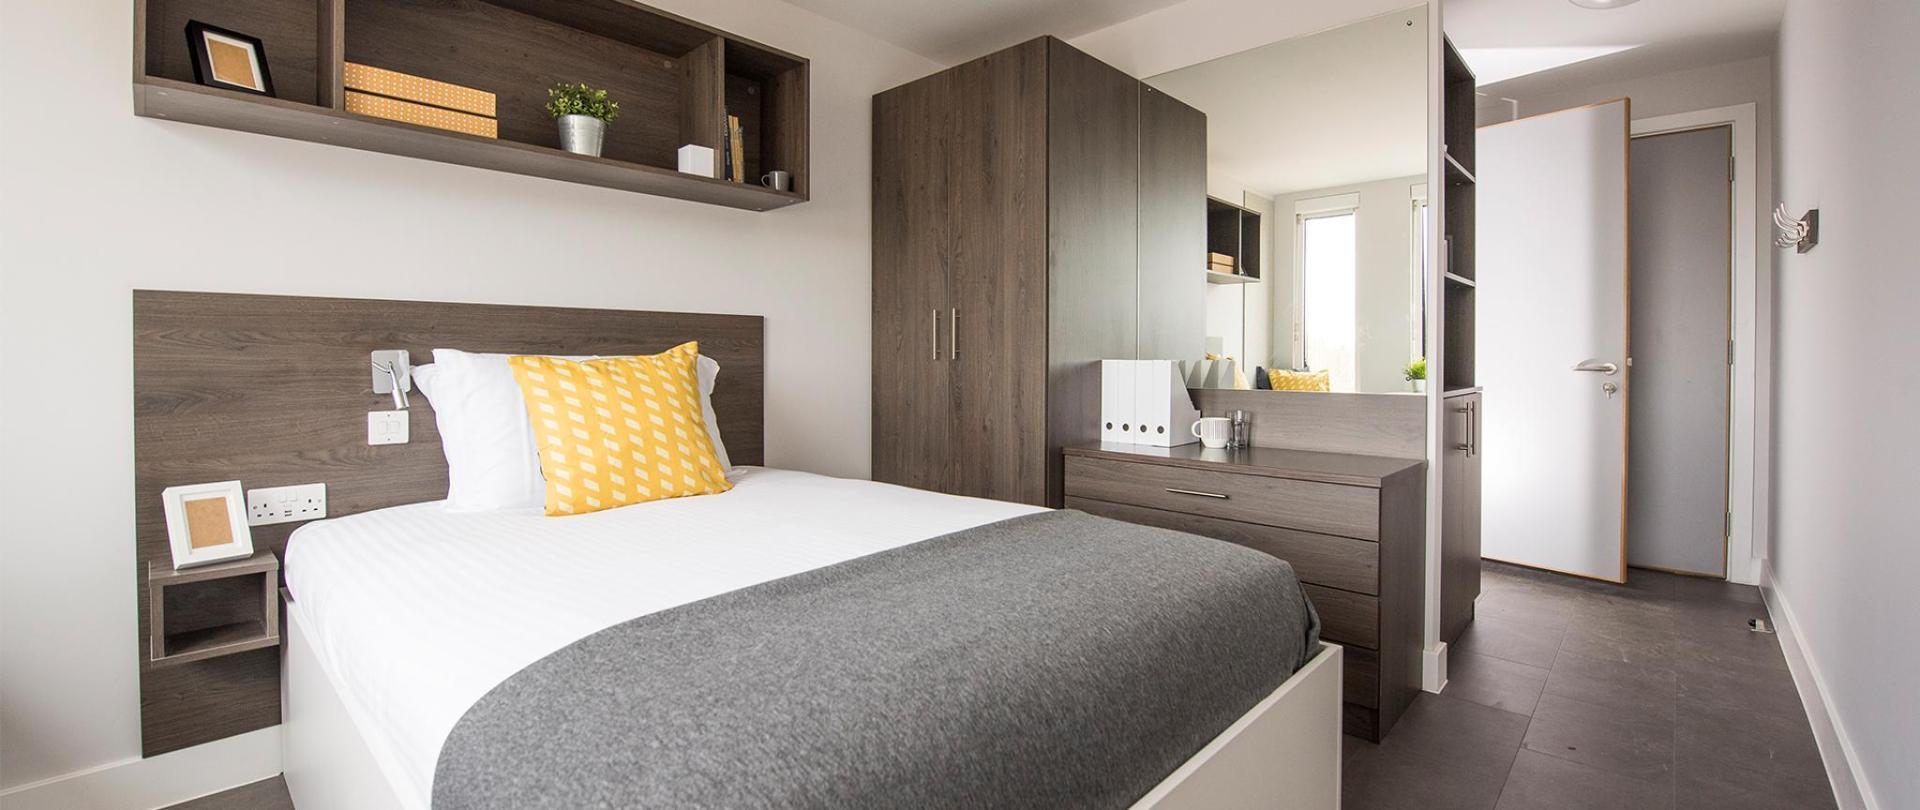 Polden-bedroom.jpg